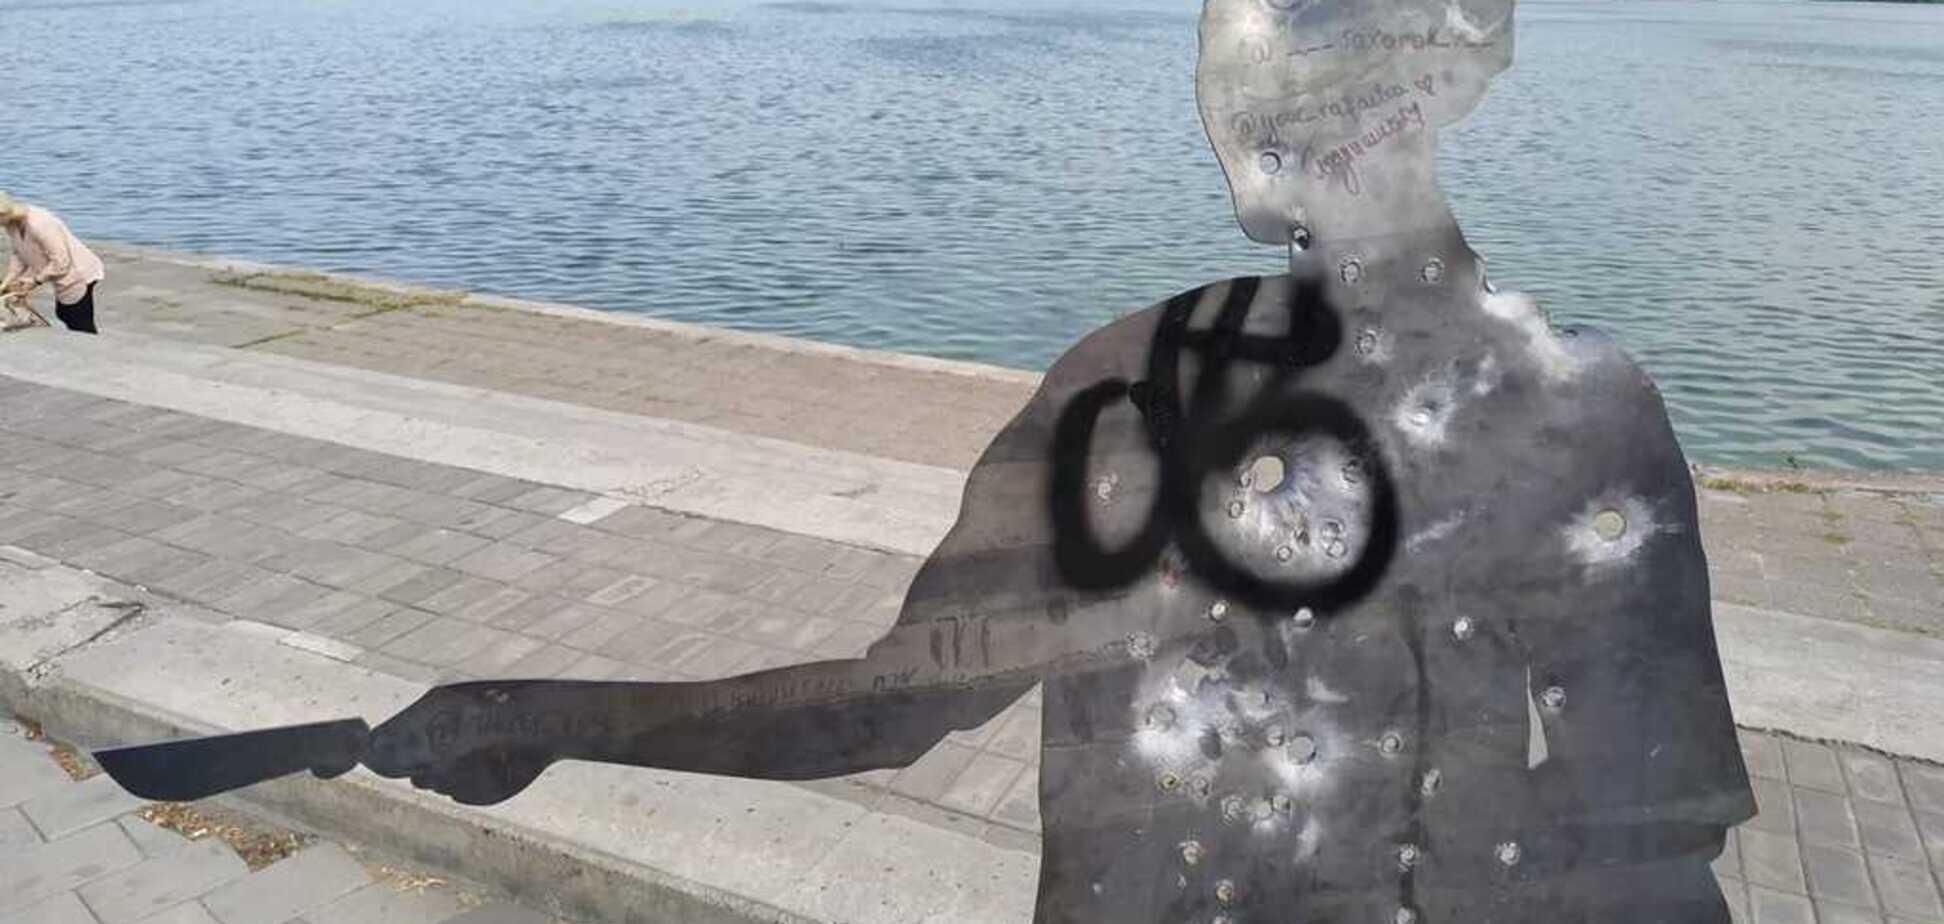 У Дніпрі вандали осквернили розстріляних людей: в мережі обурені. Фото